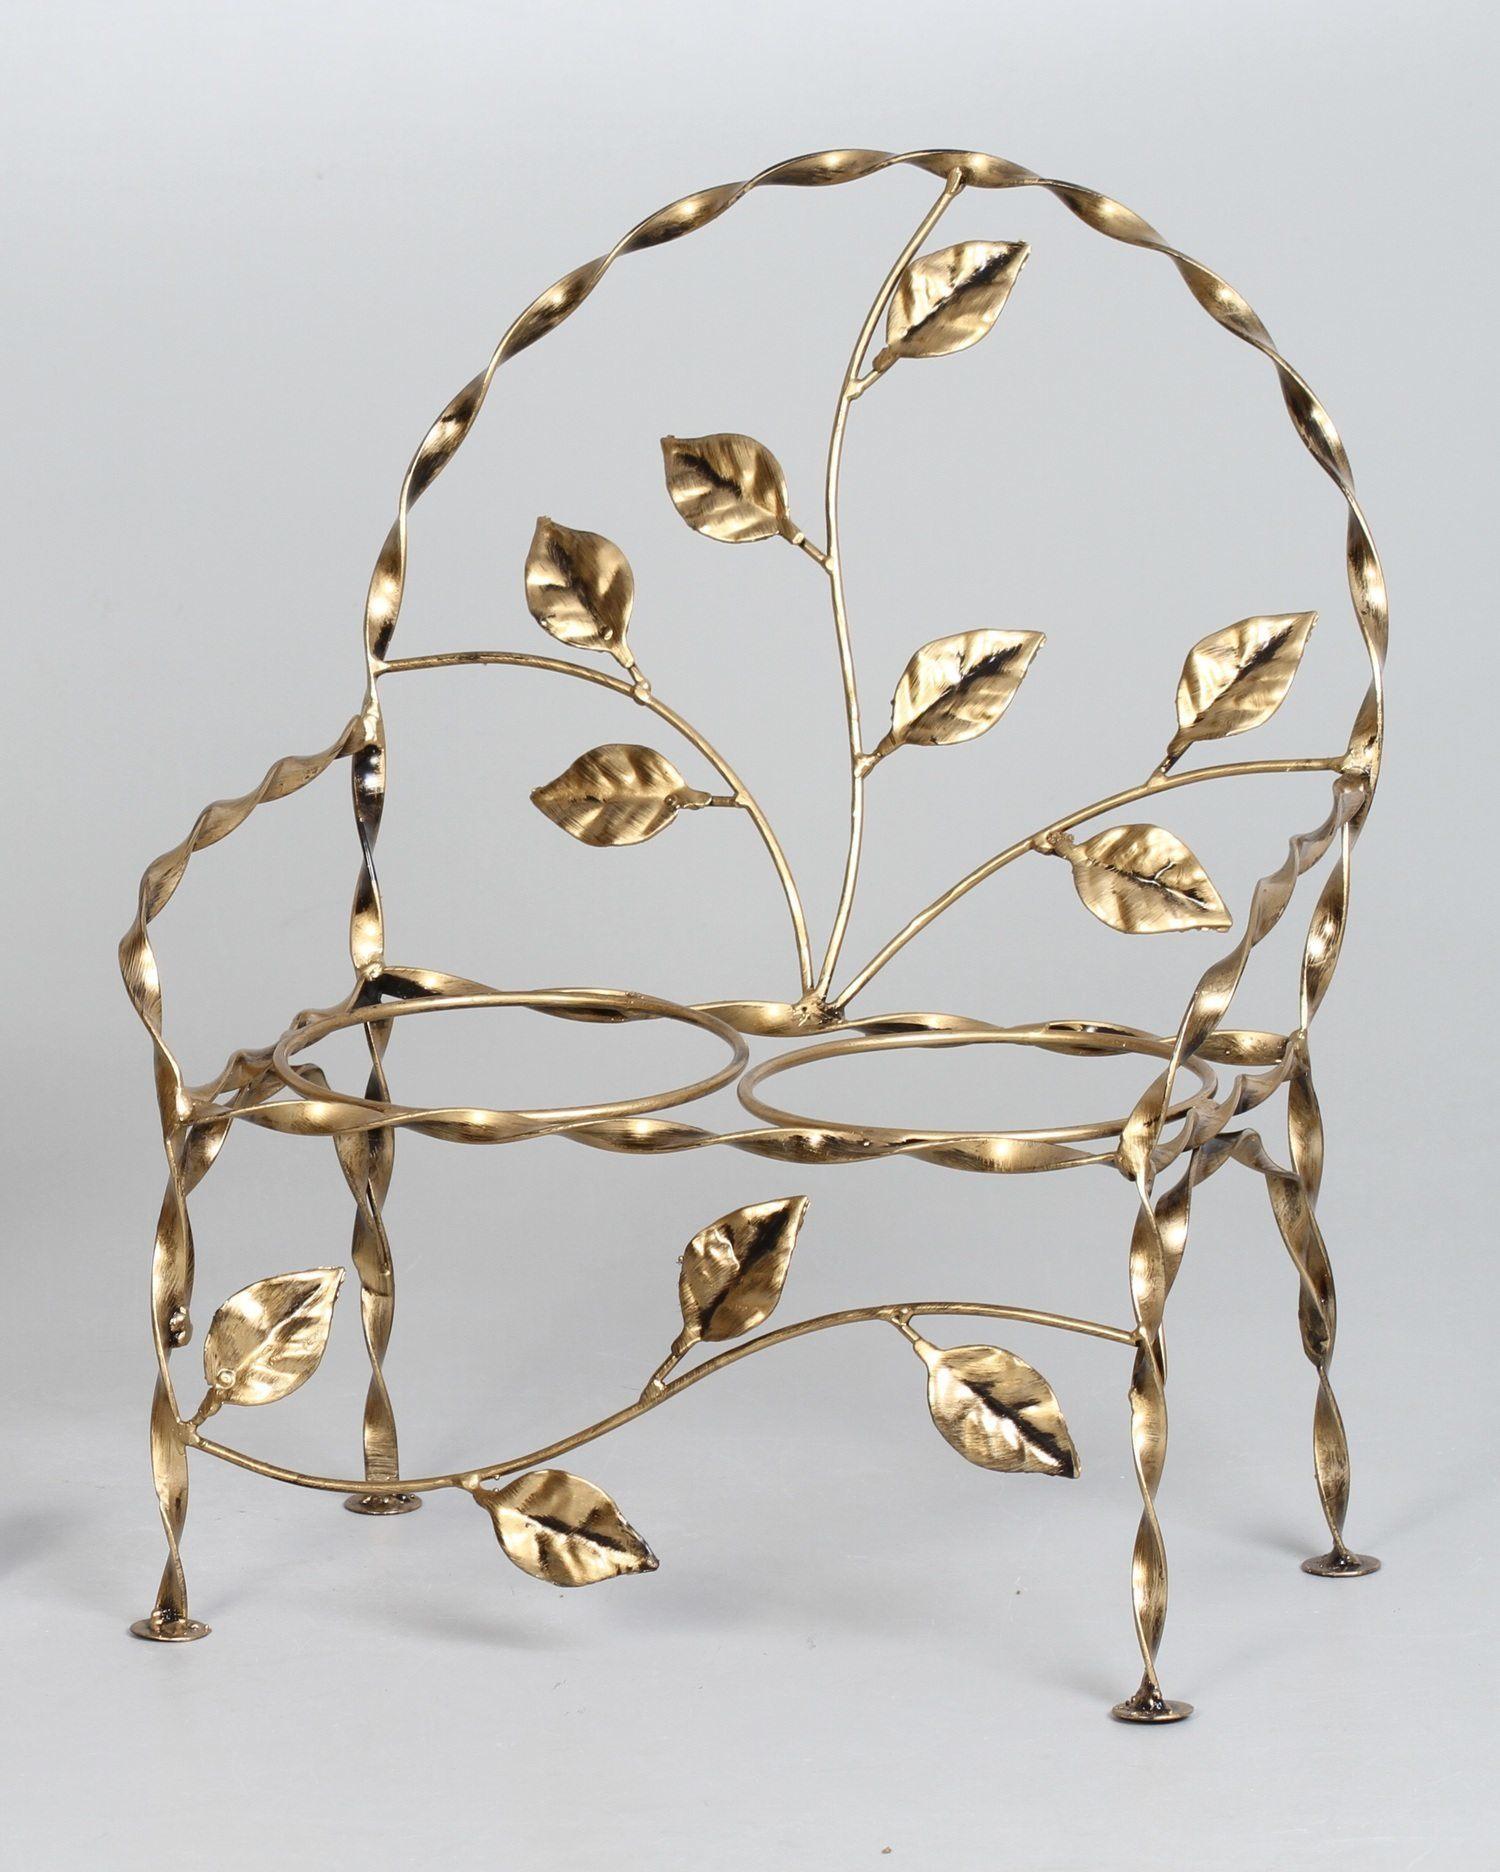 2 suportes cachepots cadeirinha folhas ouro velho (inclui cachepots)